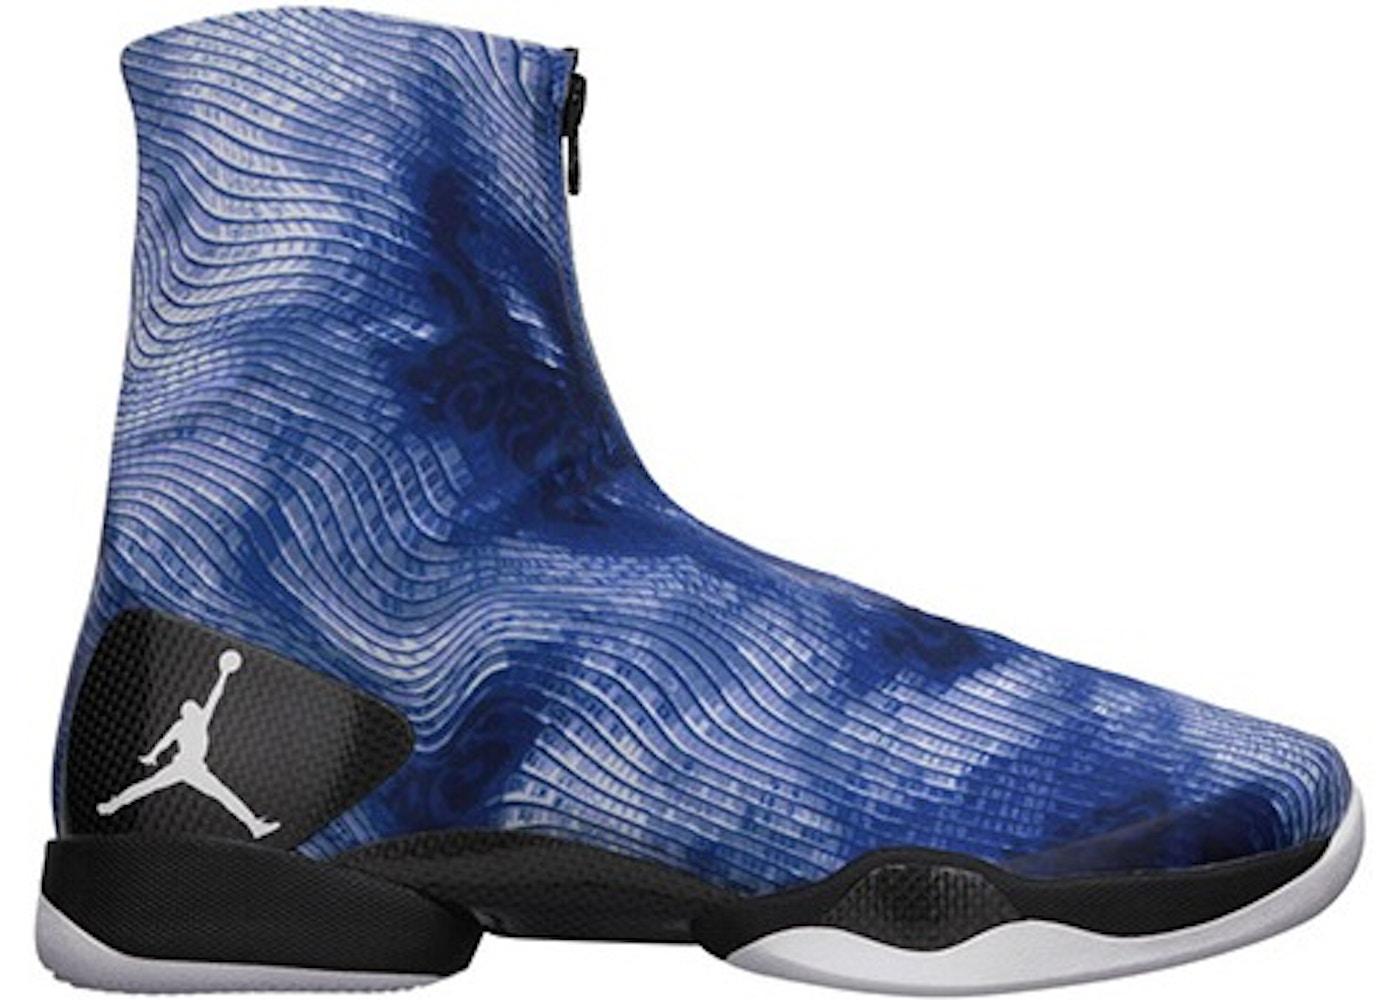 newest eee9f d6861 Buy Air Jordan 28 Shoes & Deadstock Sneakers